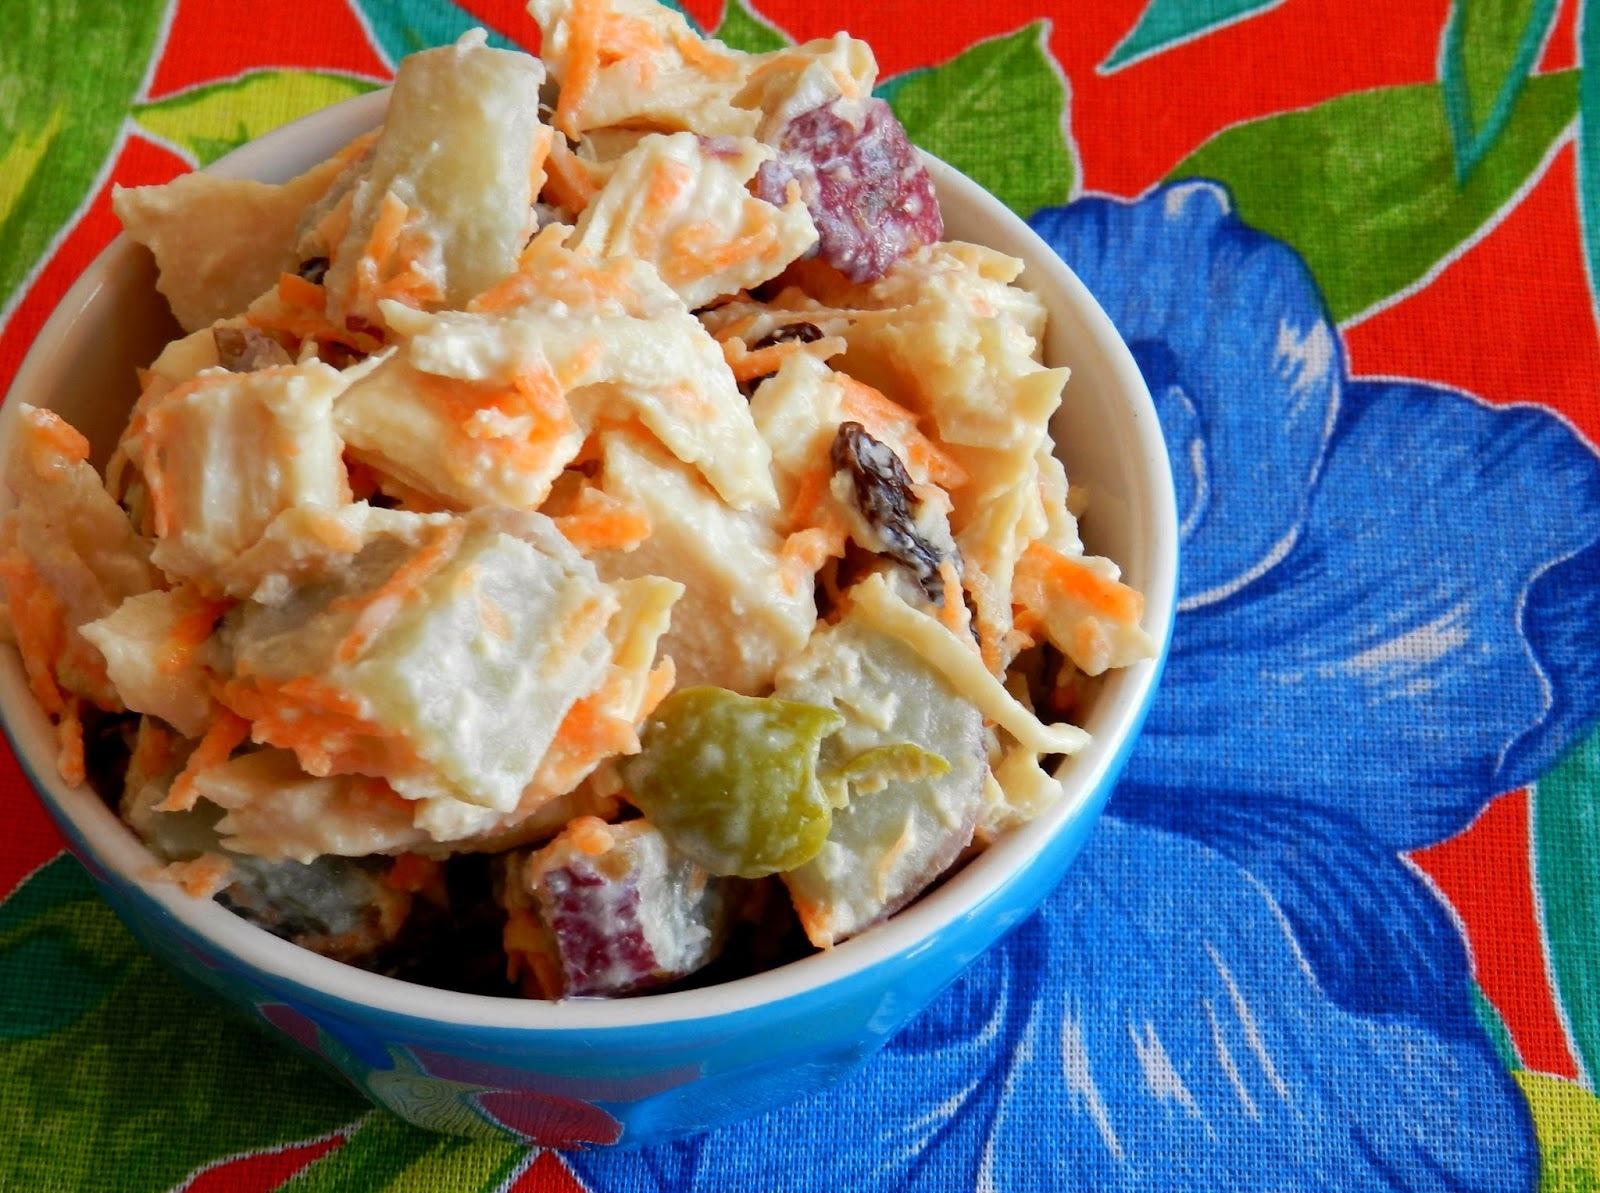 Salada fria de frango com batata doce